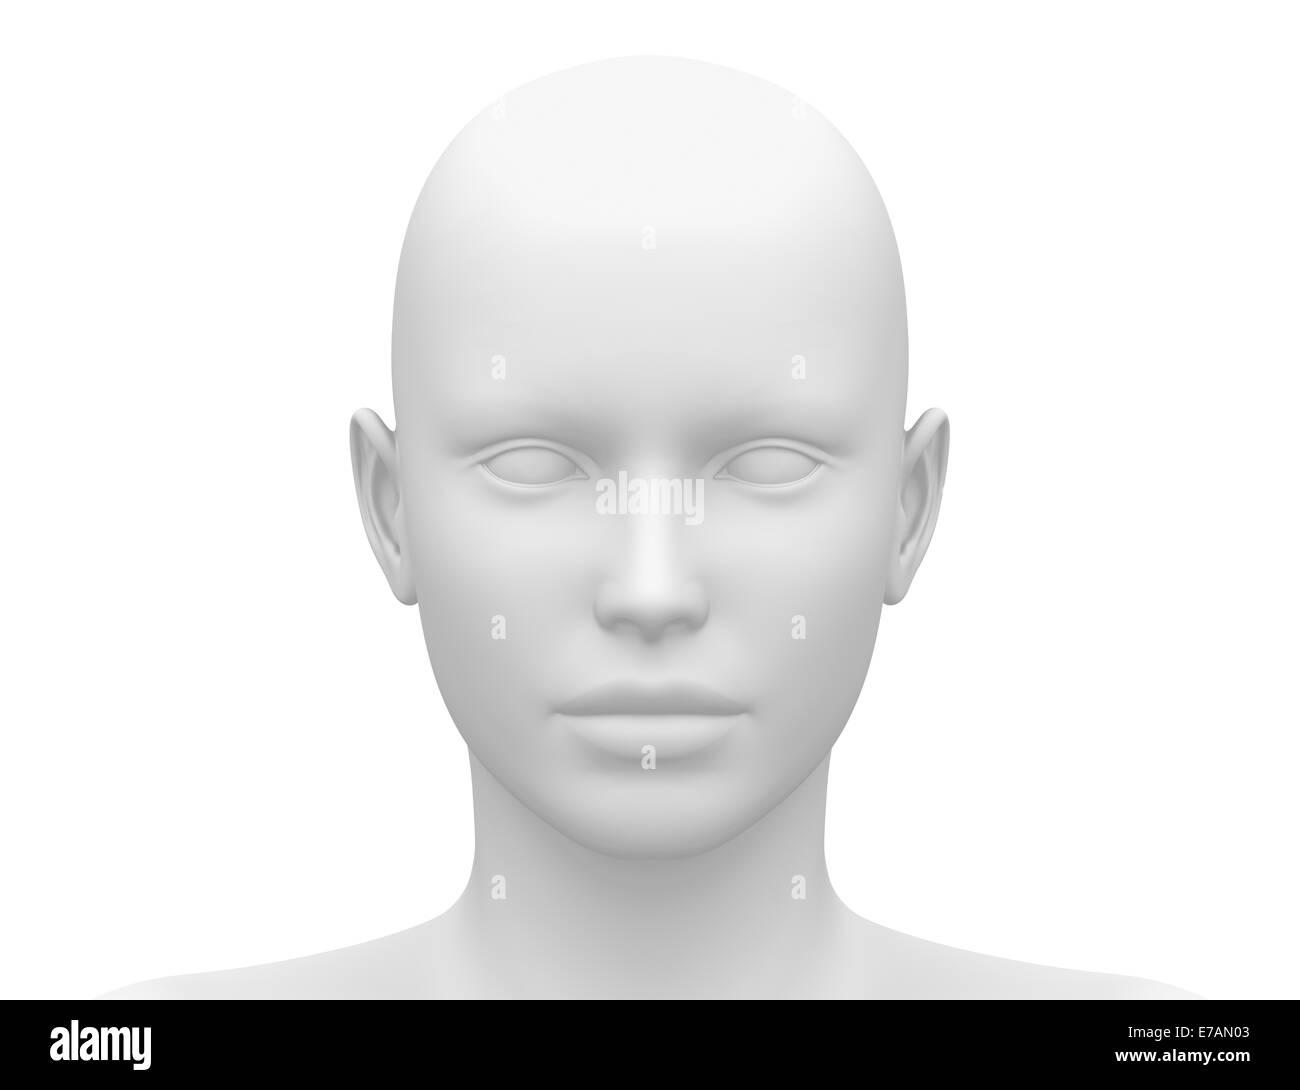 Anterior Face Stockfotos & Anterior Face Bilder - Alamy